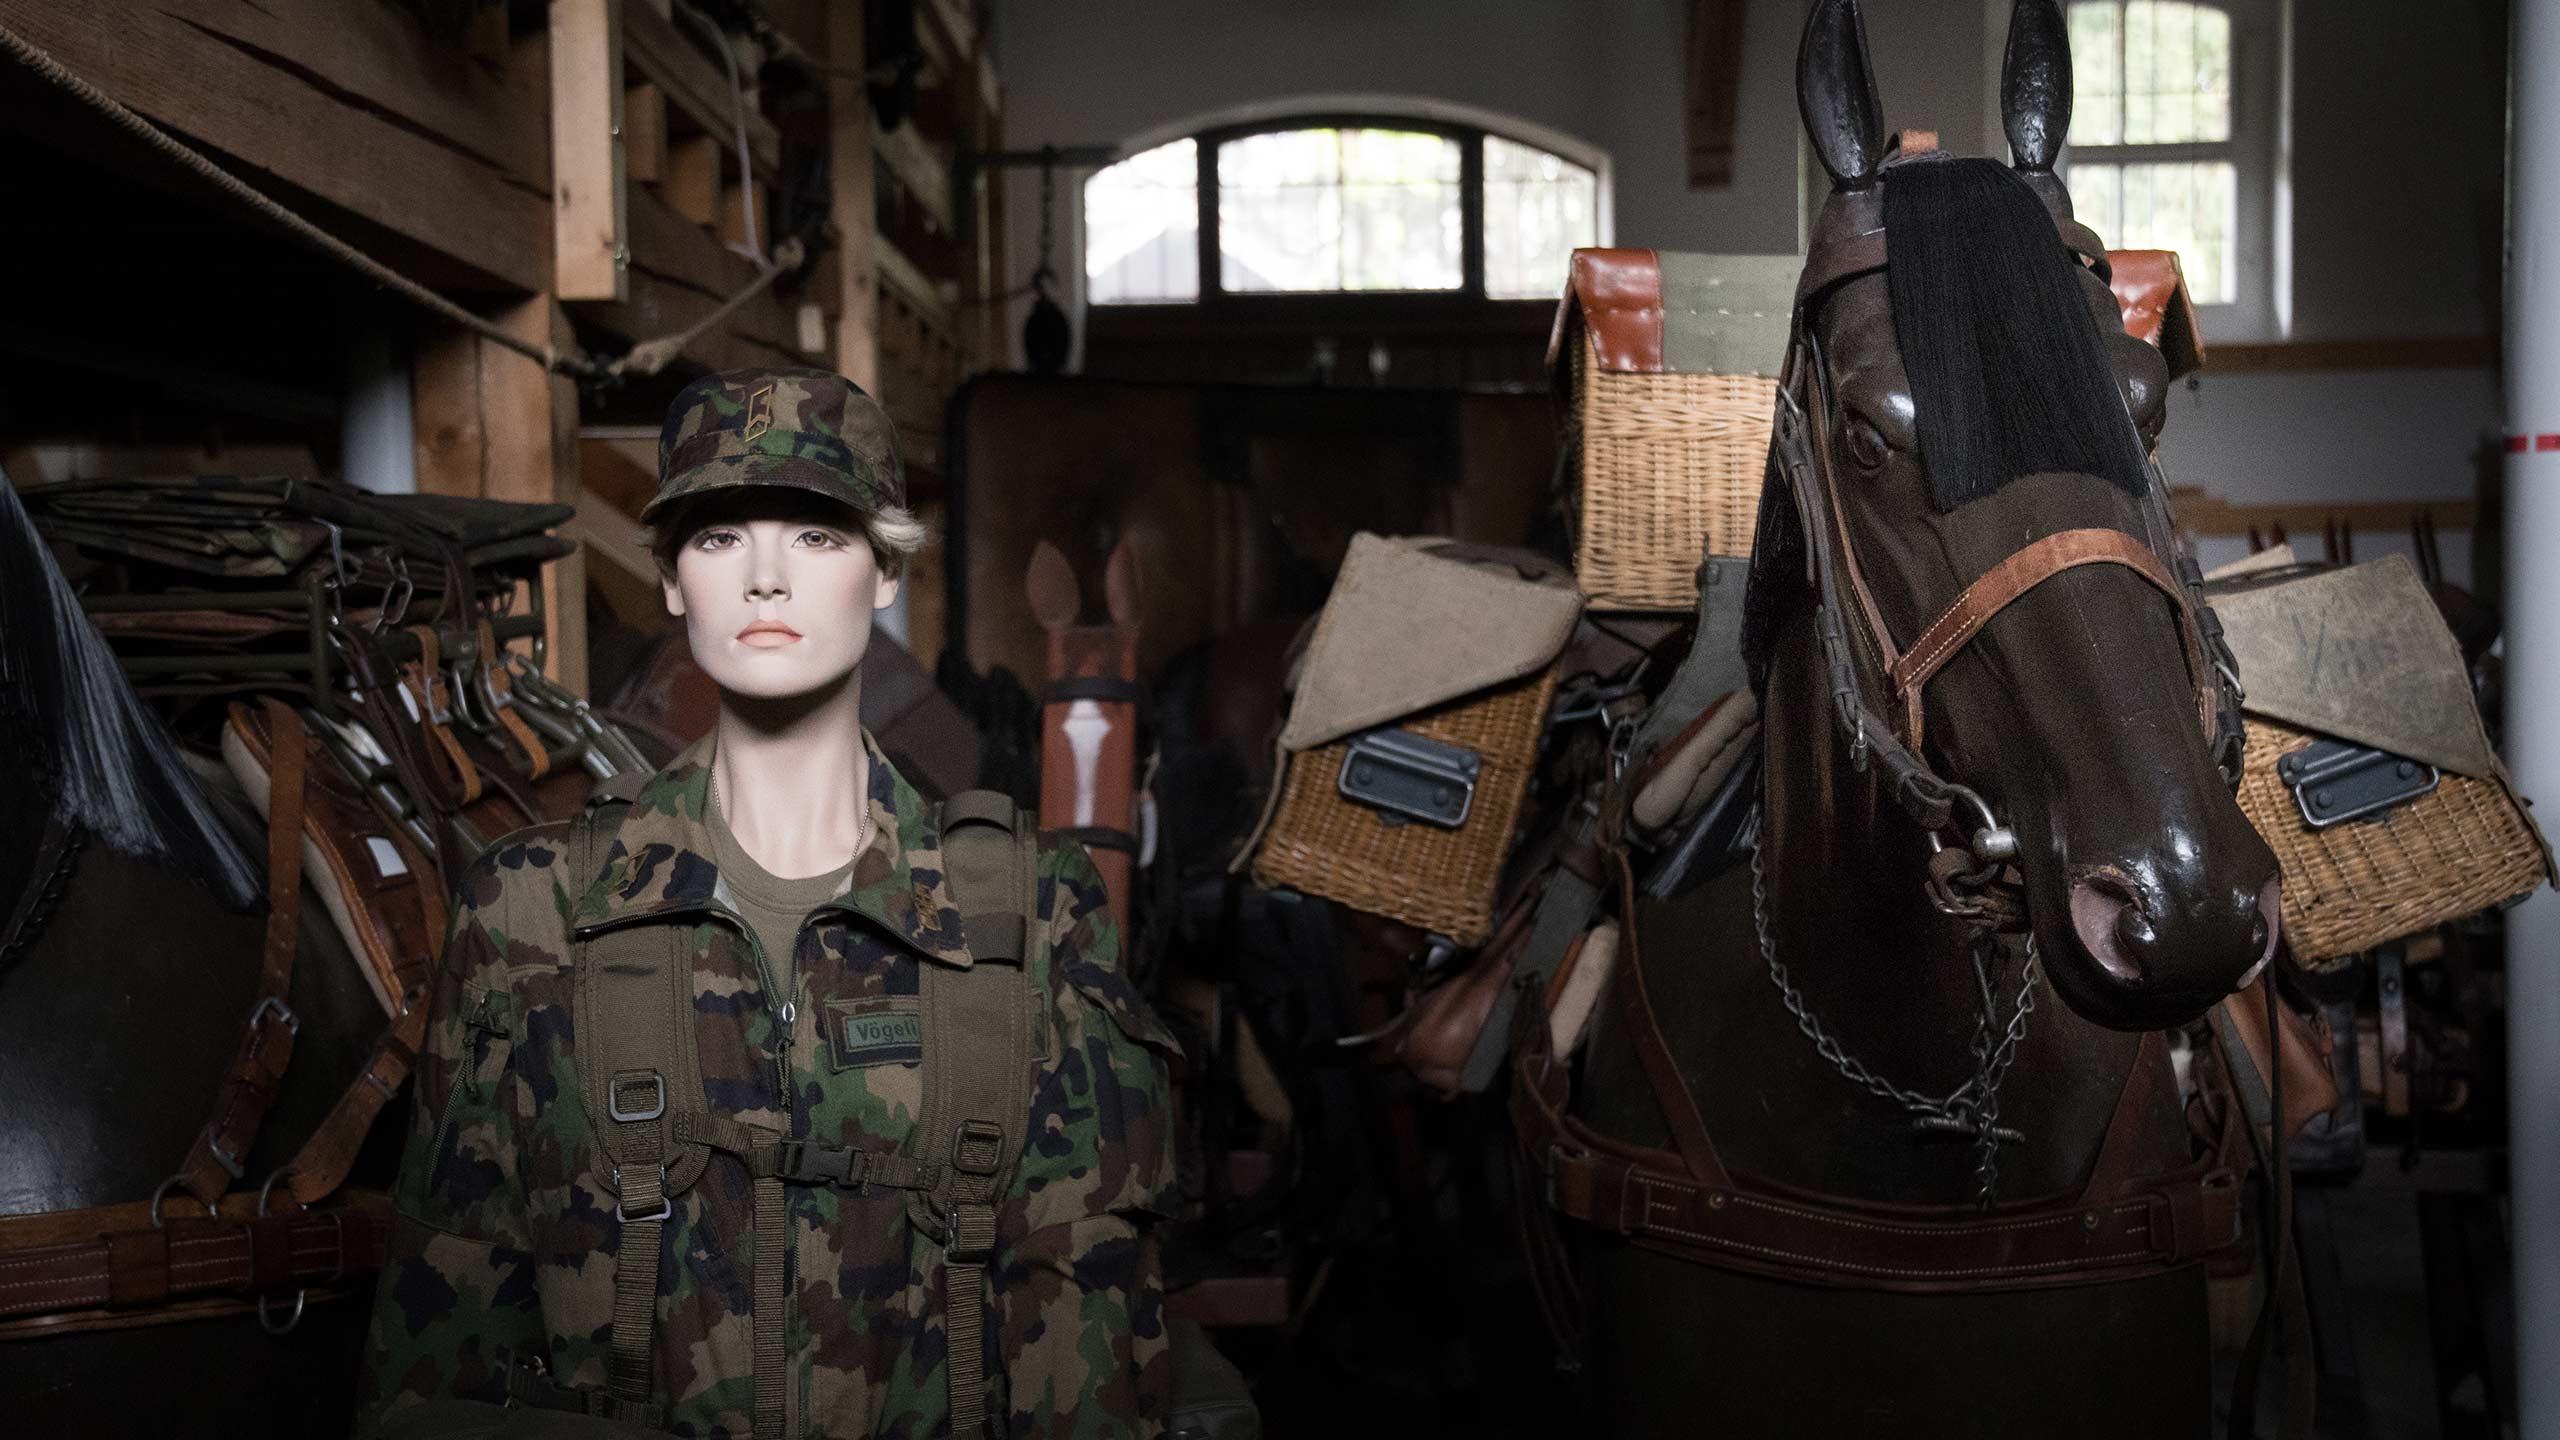 stiftung-ham-ausstellung-armeegewand-pferde.jpg